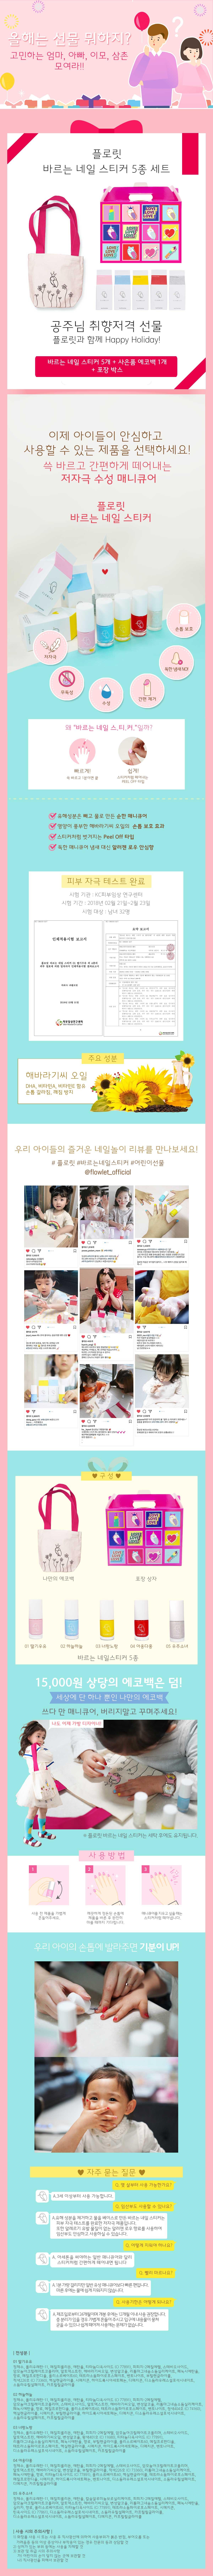 어린이화장품  어린이 바르는네일 스티커 5종 선물세트 - 플로릿, 38,000원, 교육완구, 역할놀이완구